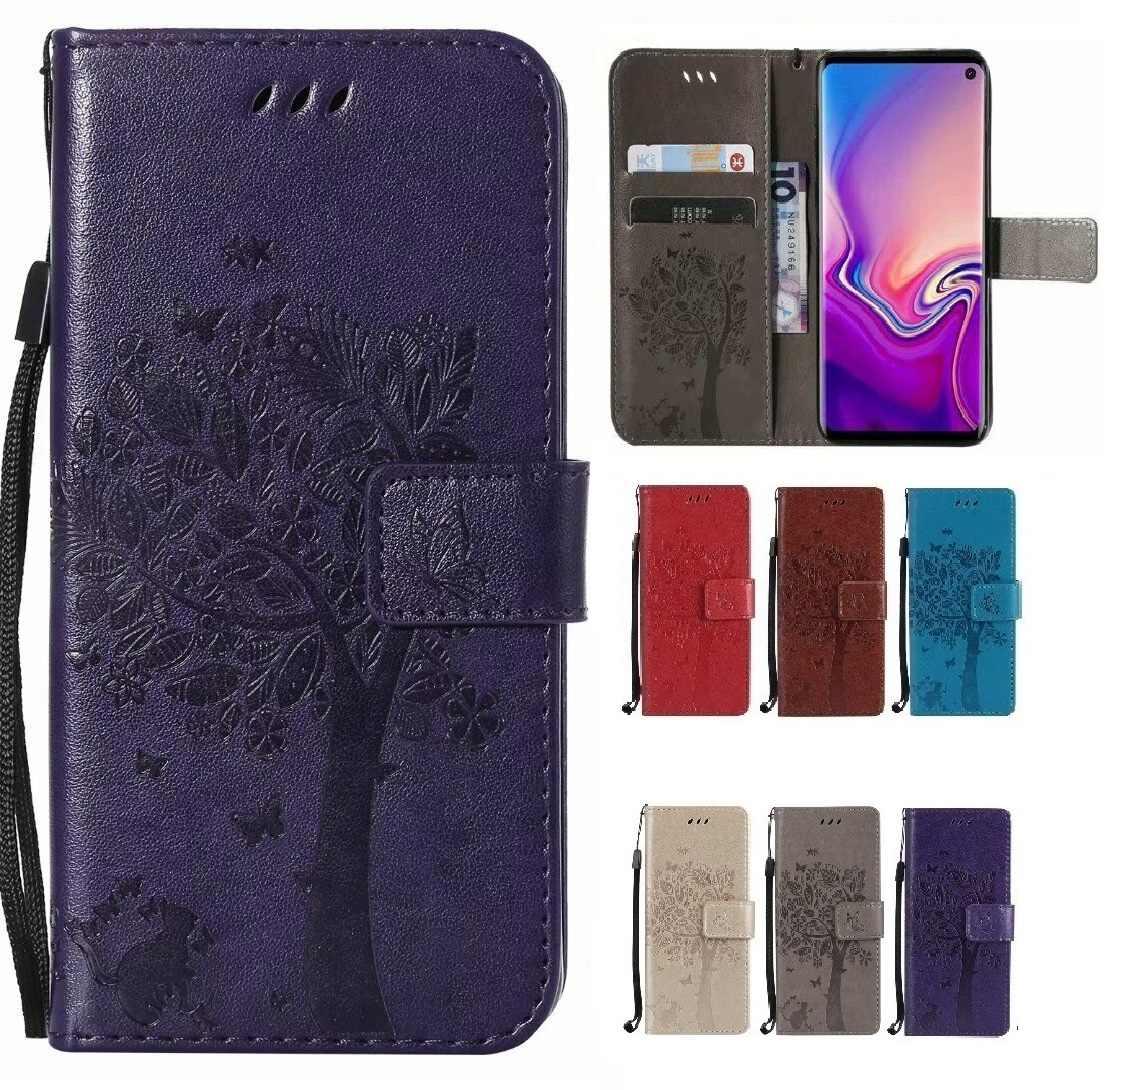 Чехол для TP-Link Neffos C5A C5s N1 y5s X1 Lite C5 Max c7 lte качественный кожаный защитный чехол-книжка для мобильного телефона